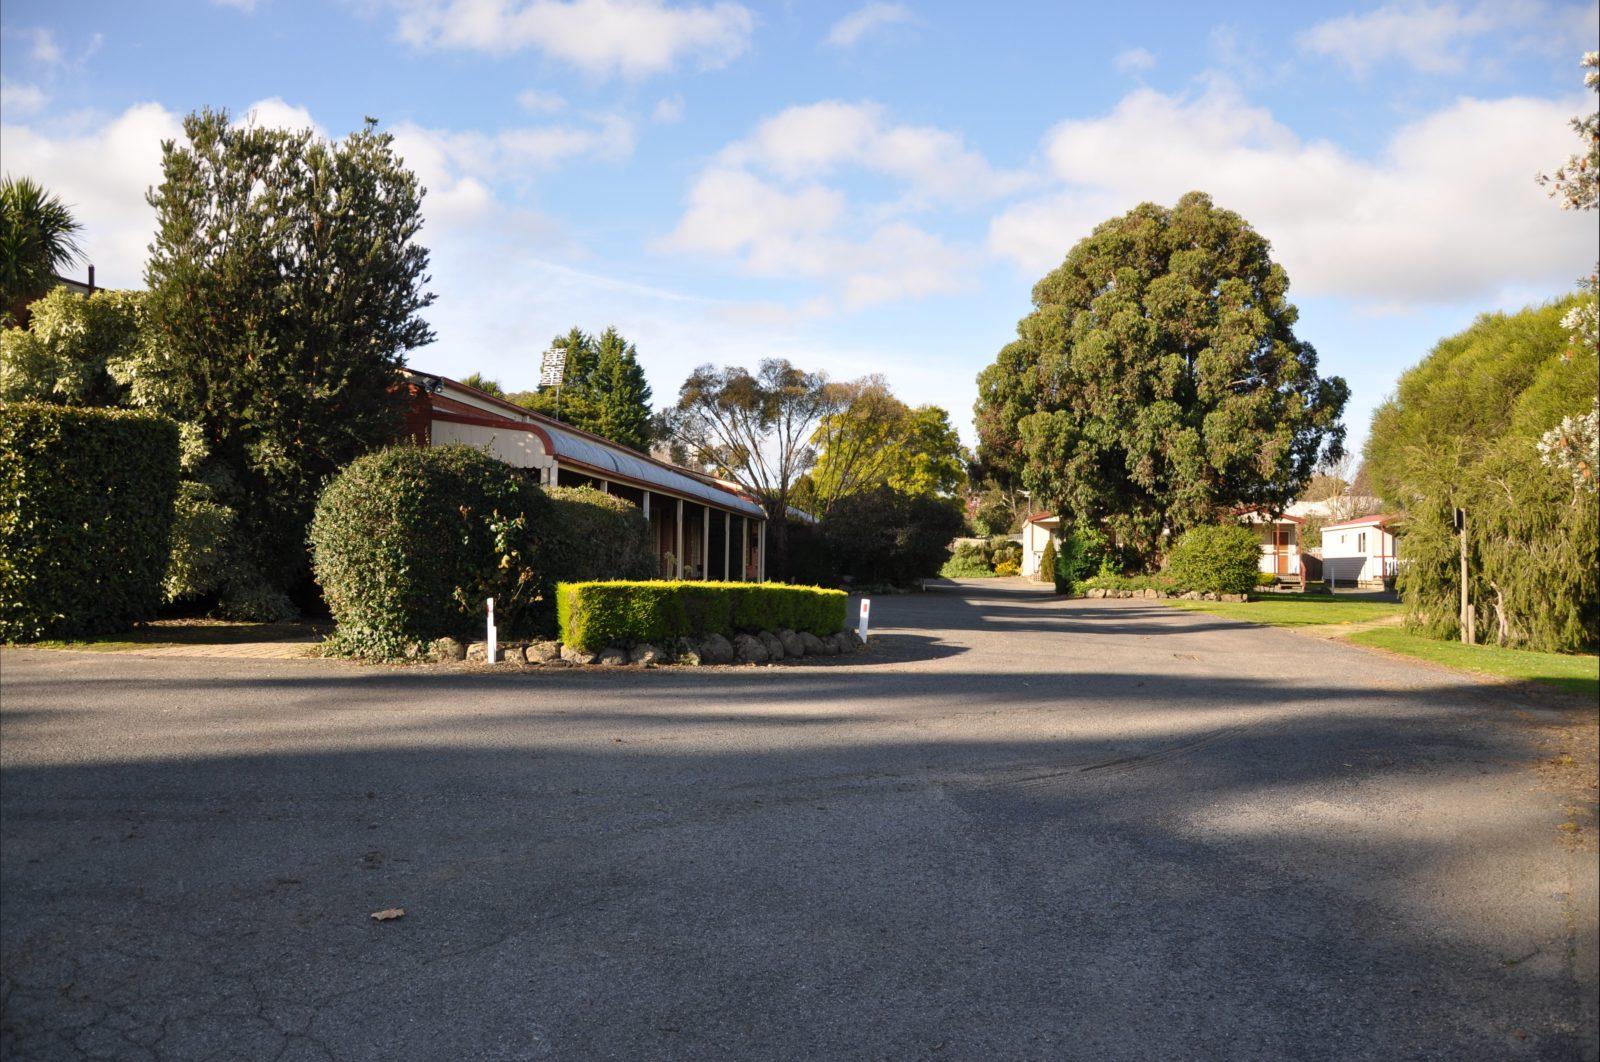 Miner's Retreat Motel Motel Room and Garden